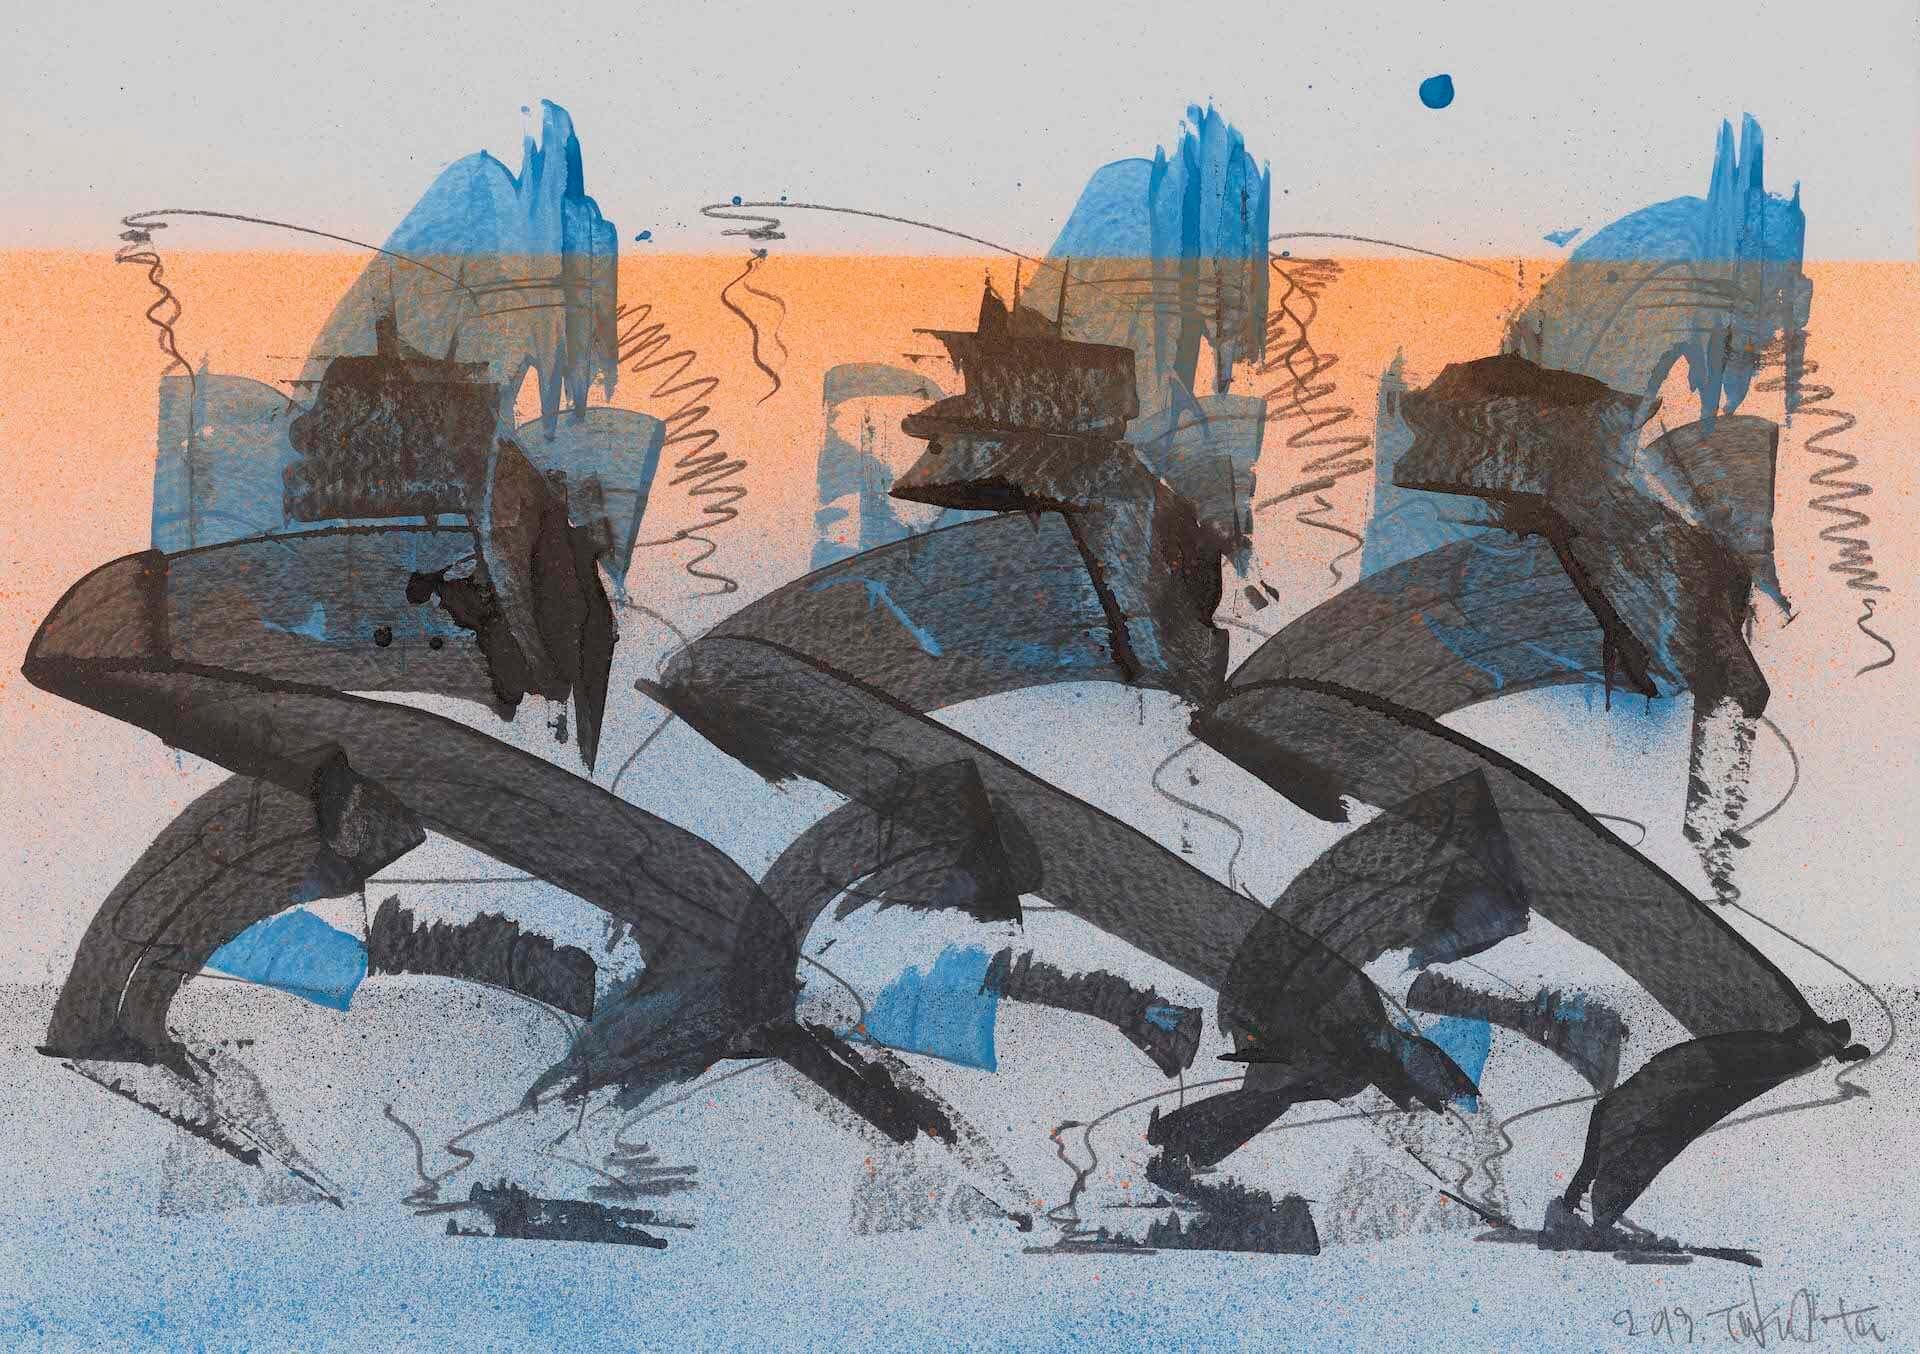 彫刻家・小畑多丘による初の作品集『Spectrum of the Move』が刊行決定!京都「haku kyoto」では記念の個展も開催 art201118_taku-obata_5-1920x1354